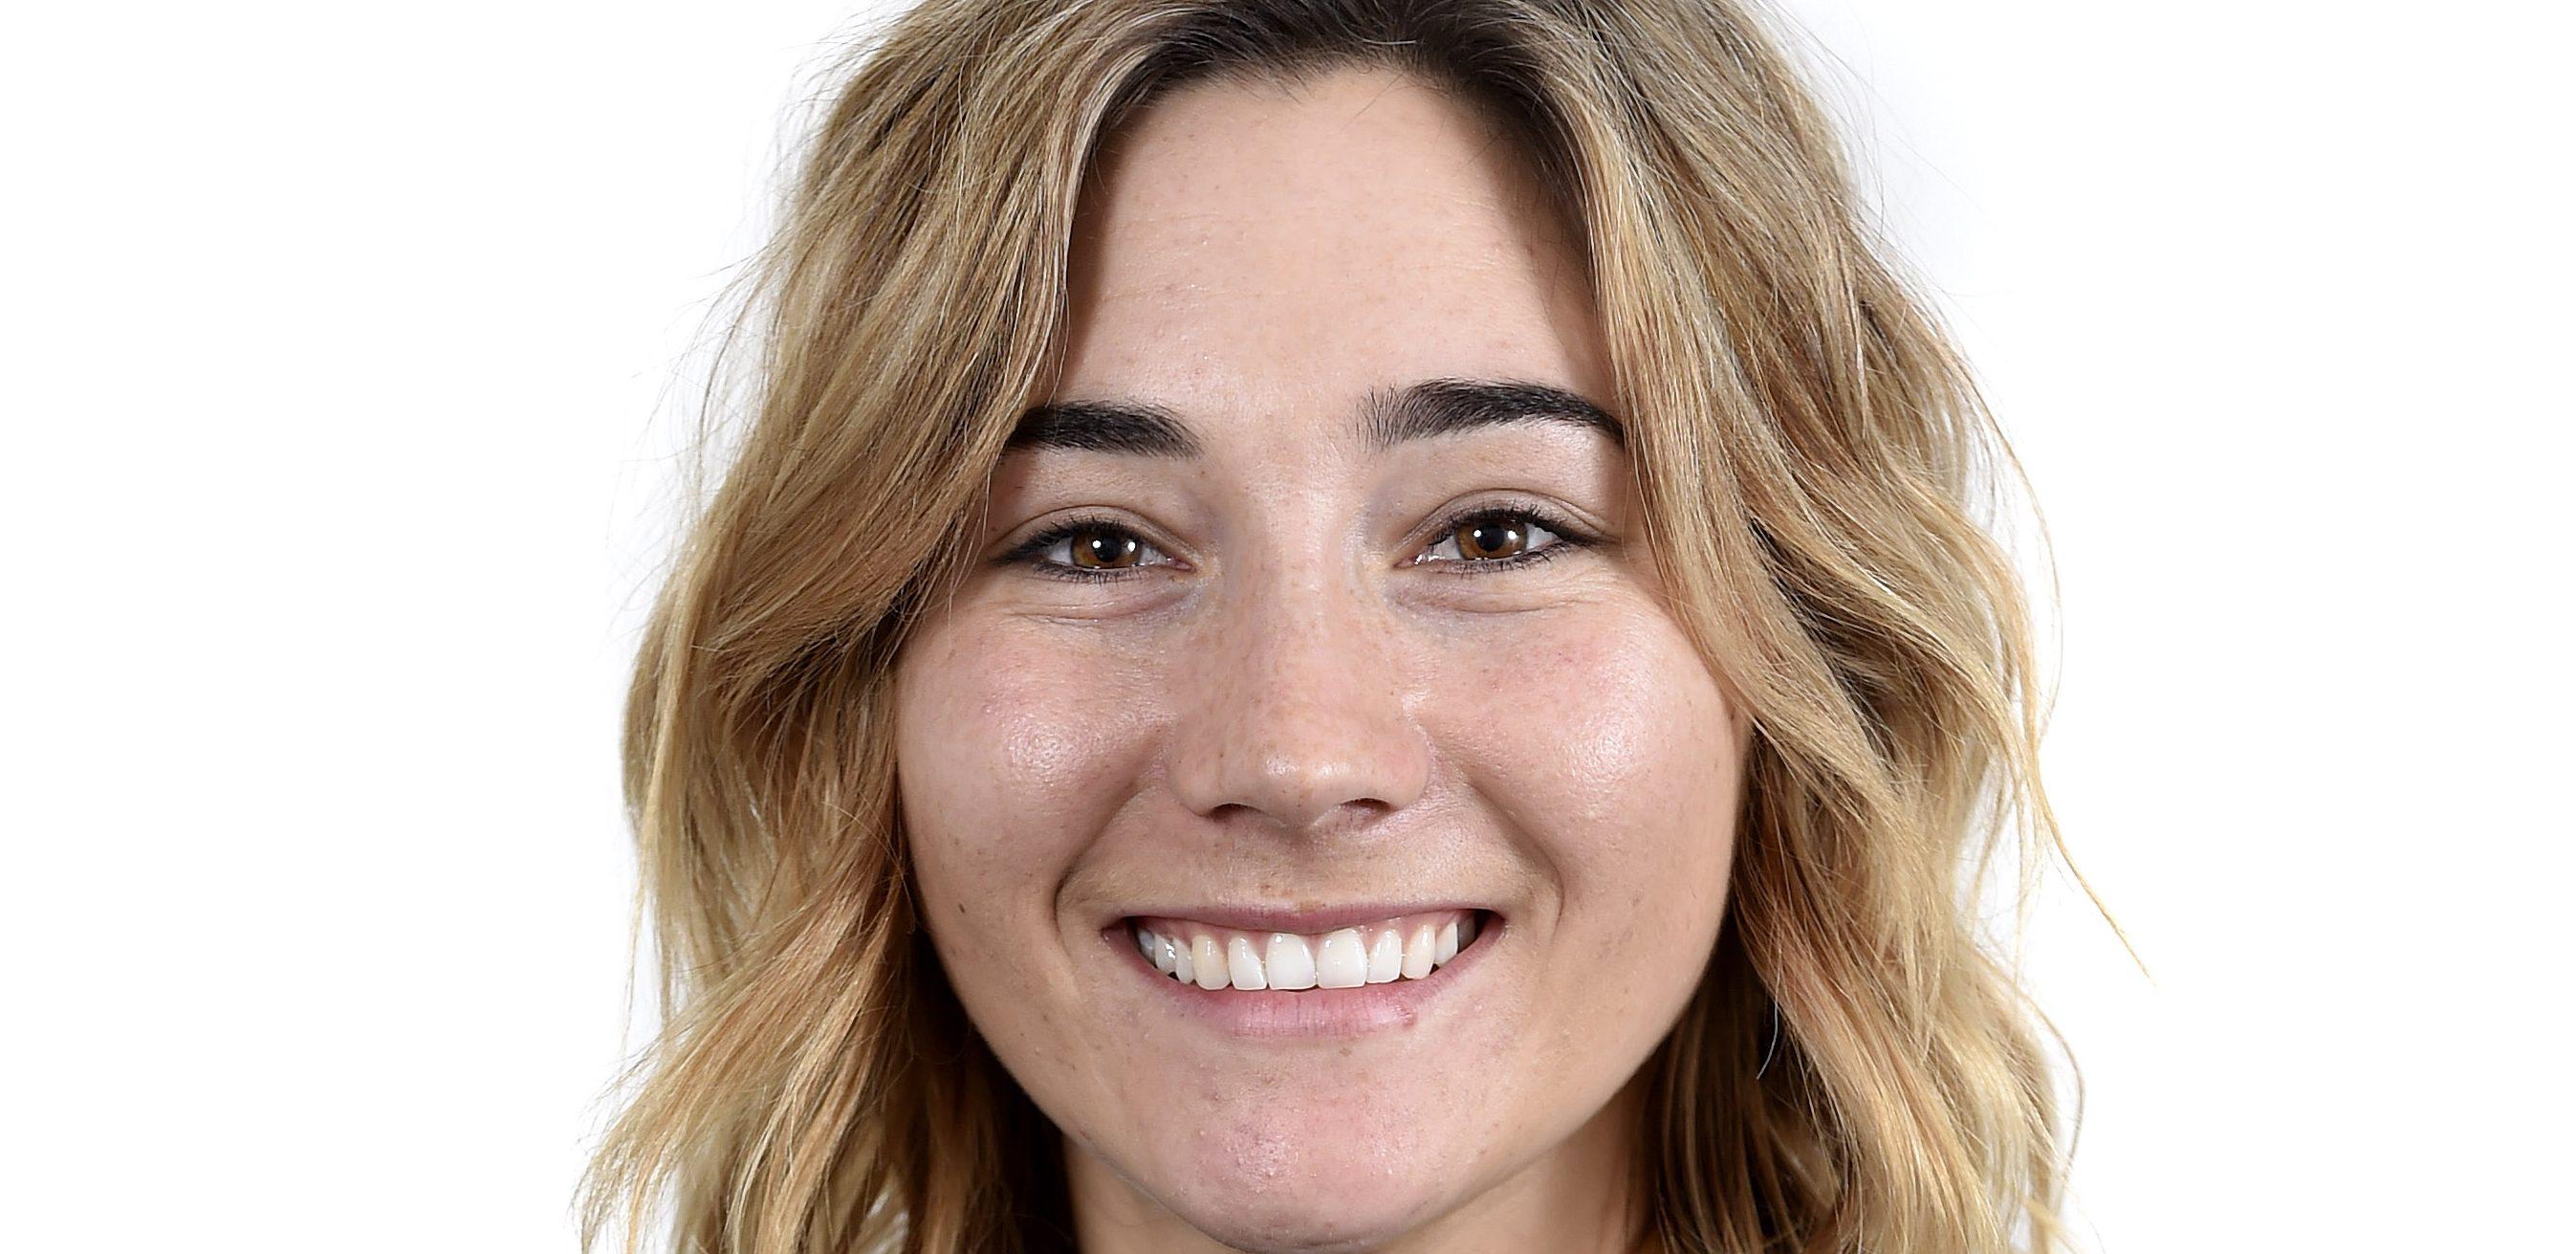 Joany Badenhorst